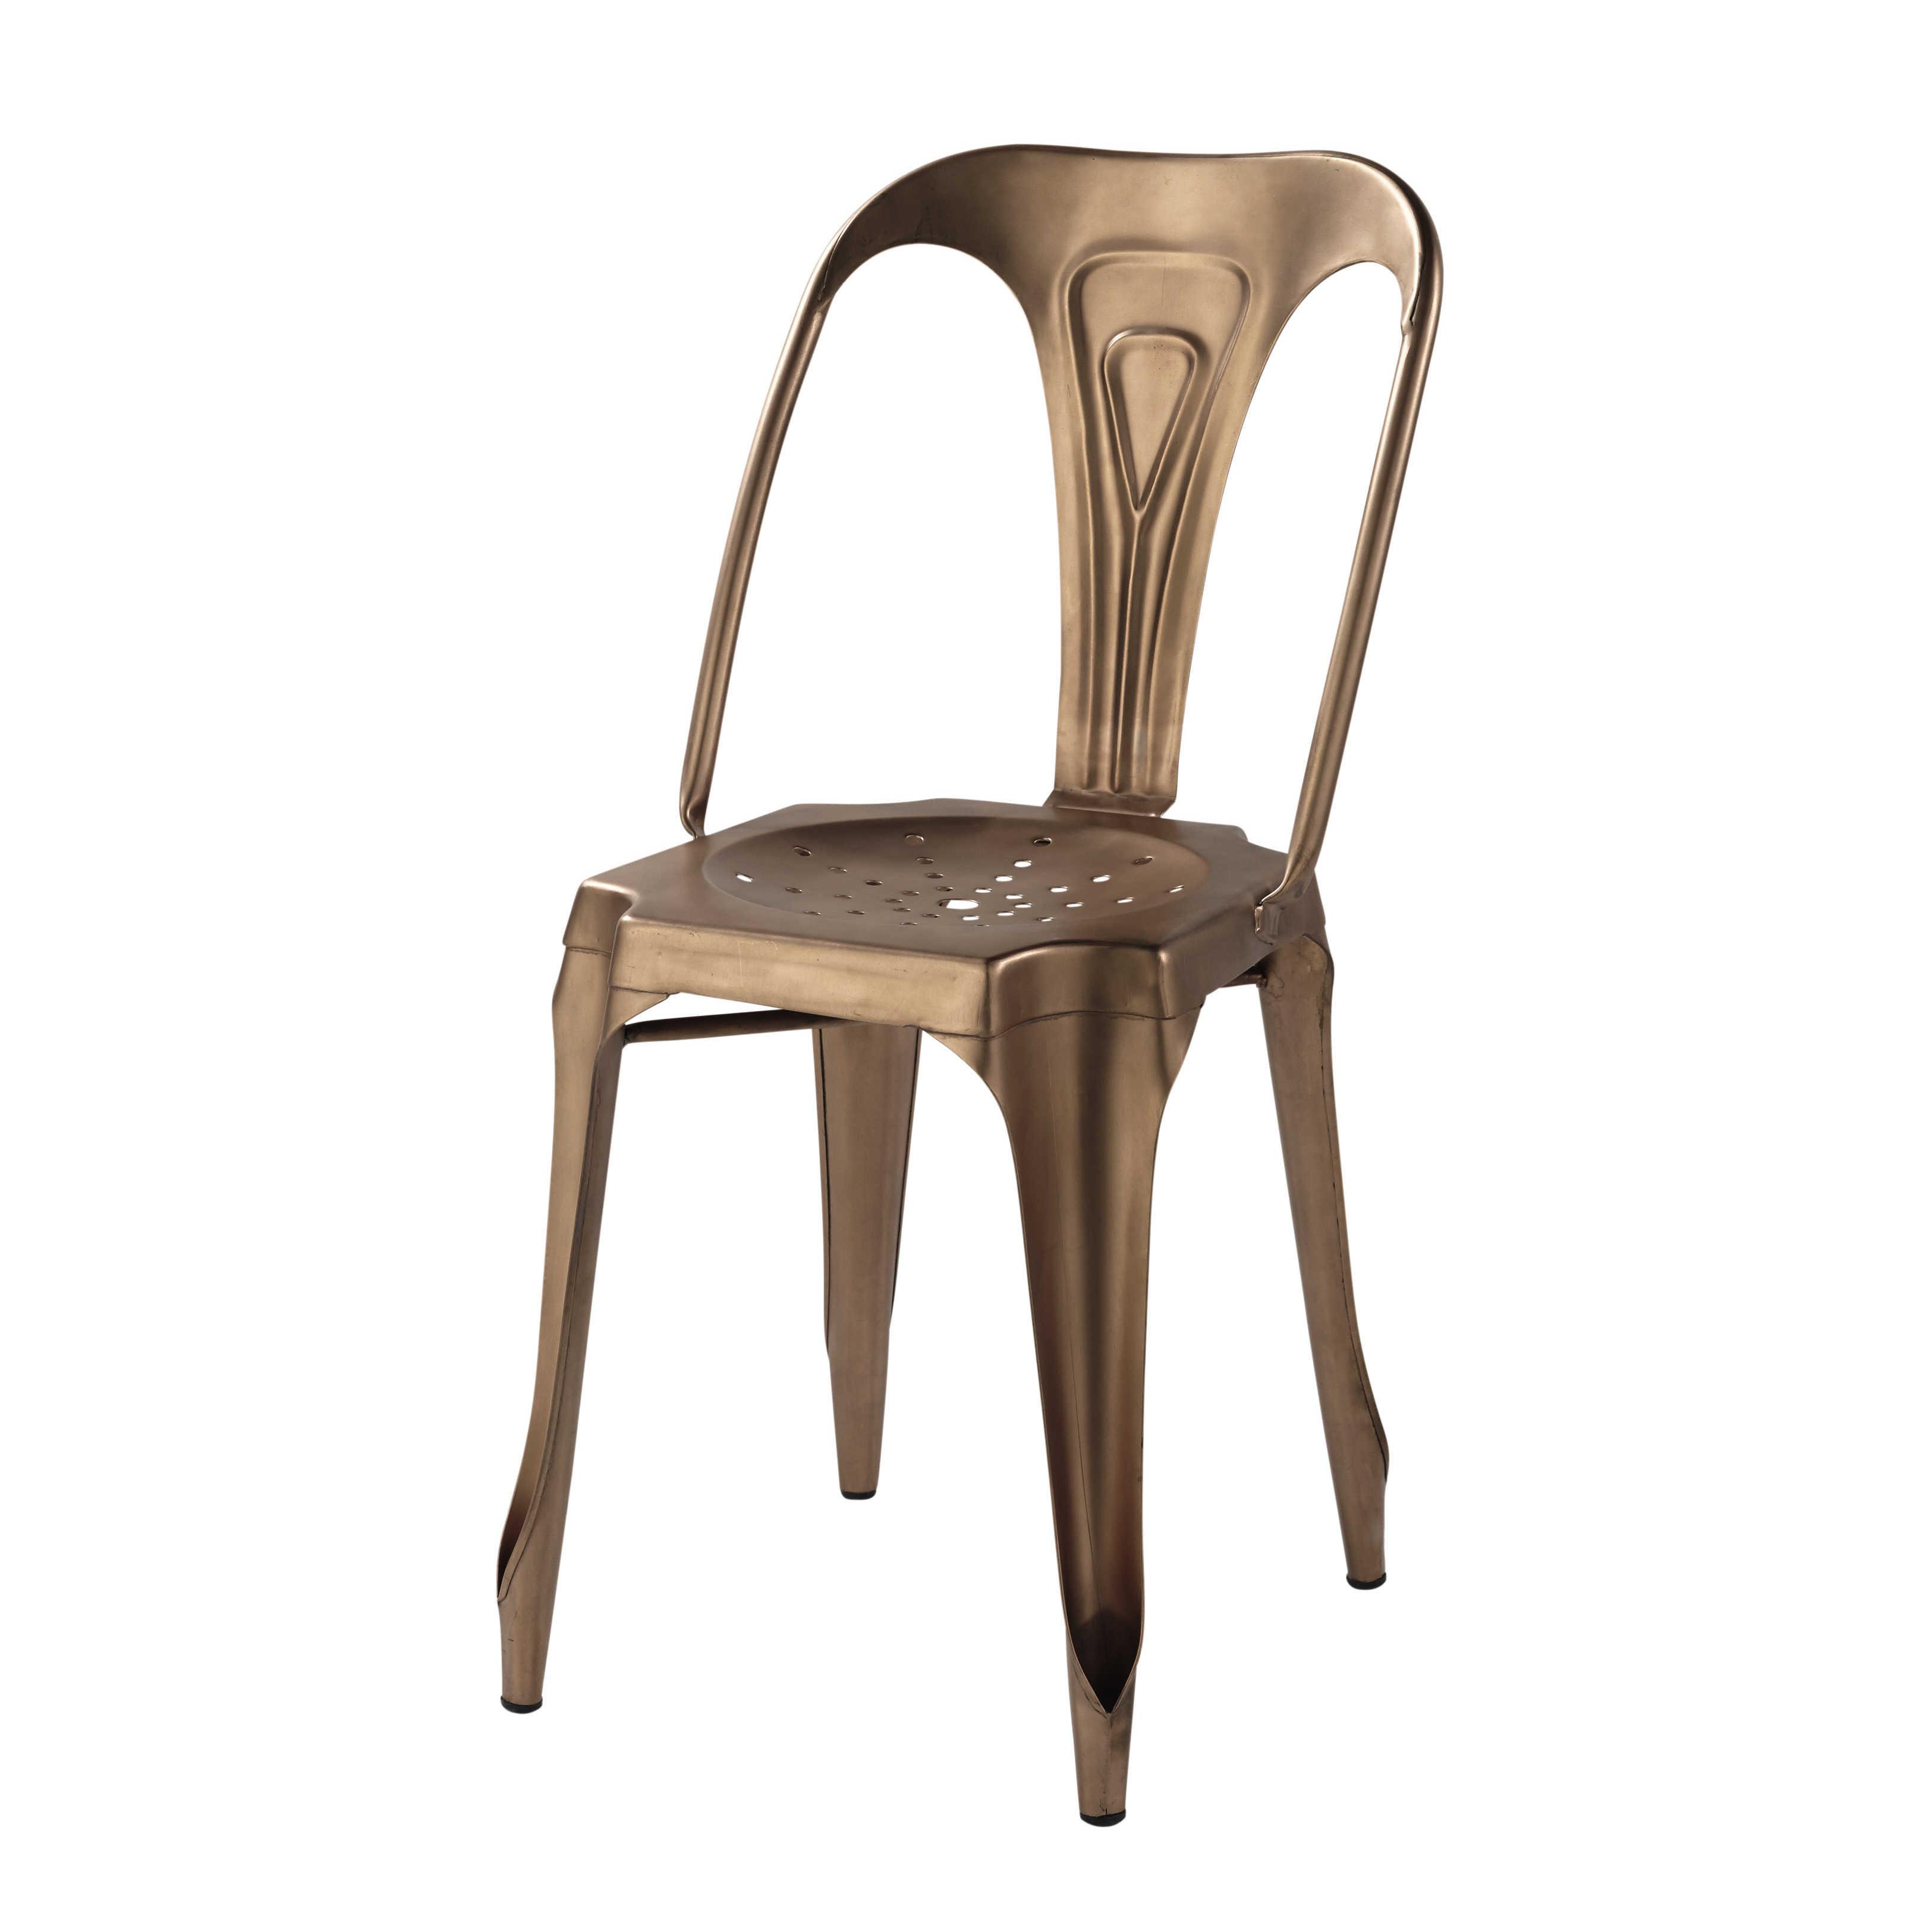 chaise en m tal style vintage industriel demeure et jardin. Black Bedroom Furniture Sets. Home Design Ideas